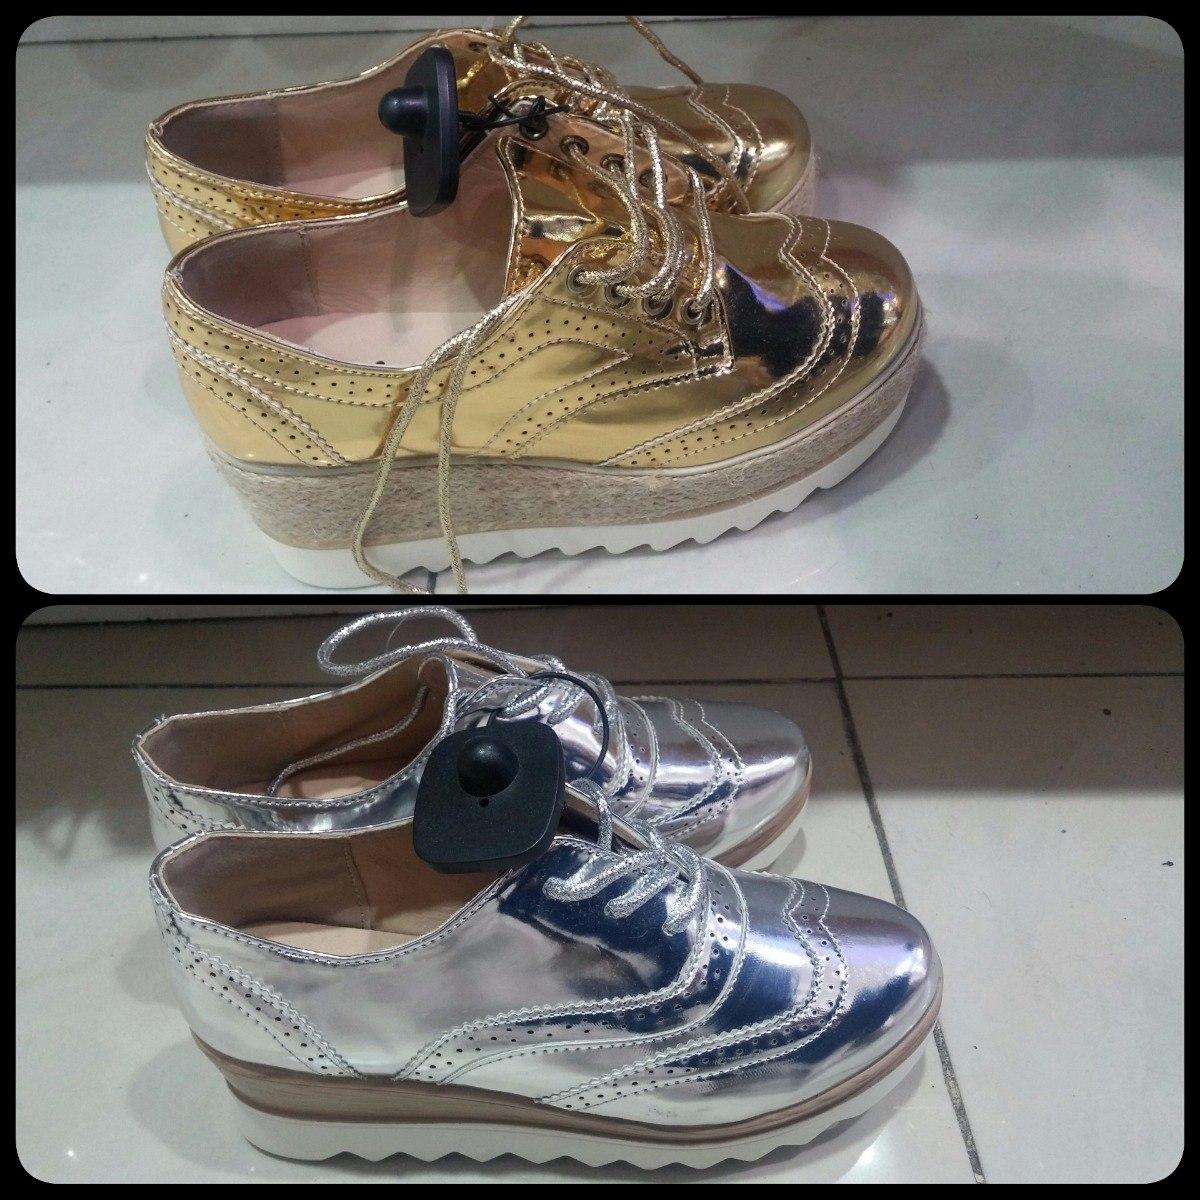 1c839c88928 zapatos de plataforma oxford dama moda brillantes. Cargando zoom.